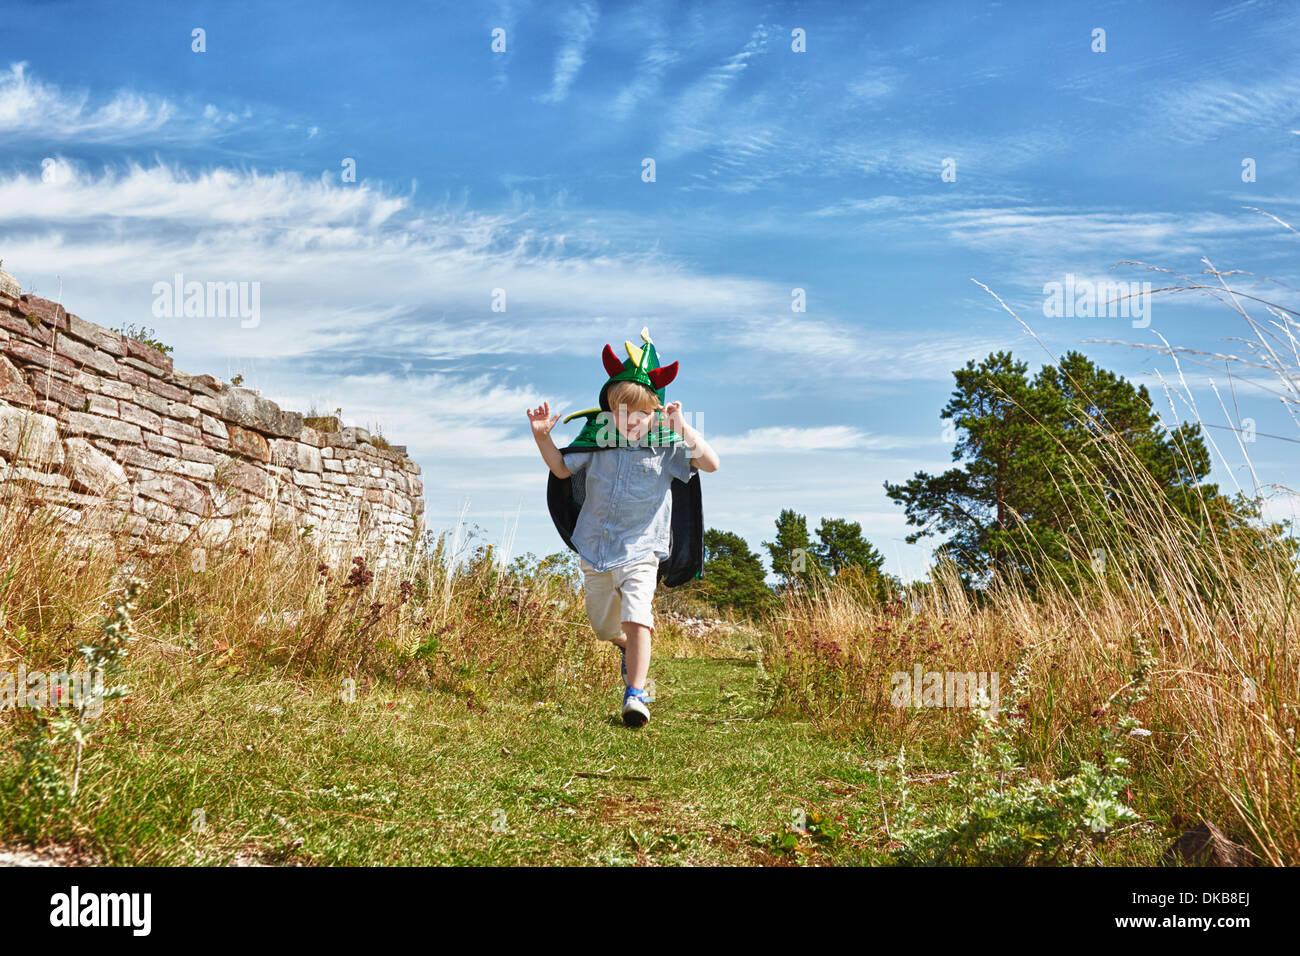 Boy wearing green cape running along grass, Eggergrund, Sweden - Stock Image